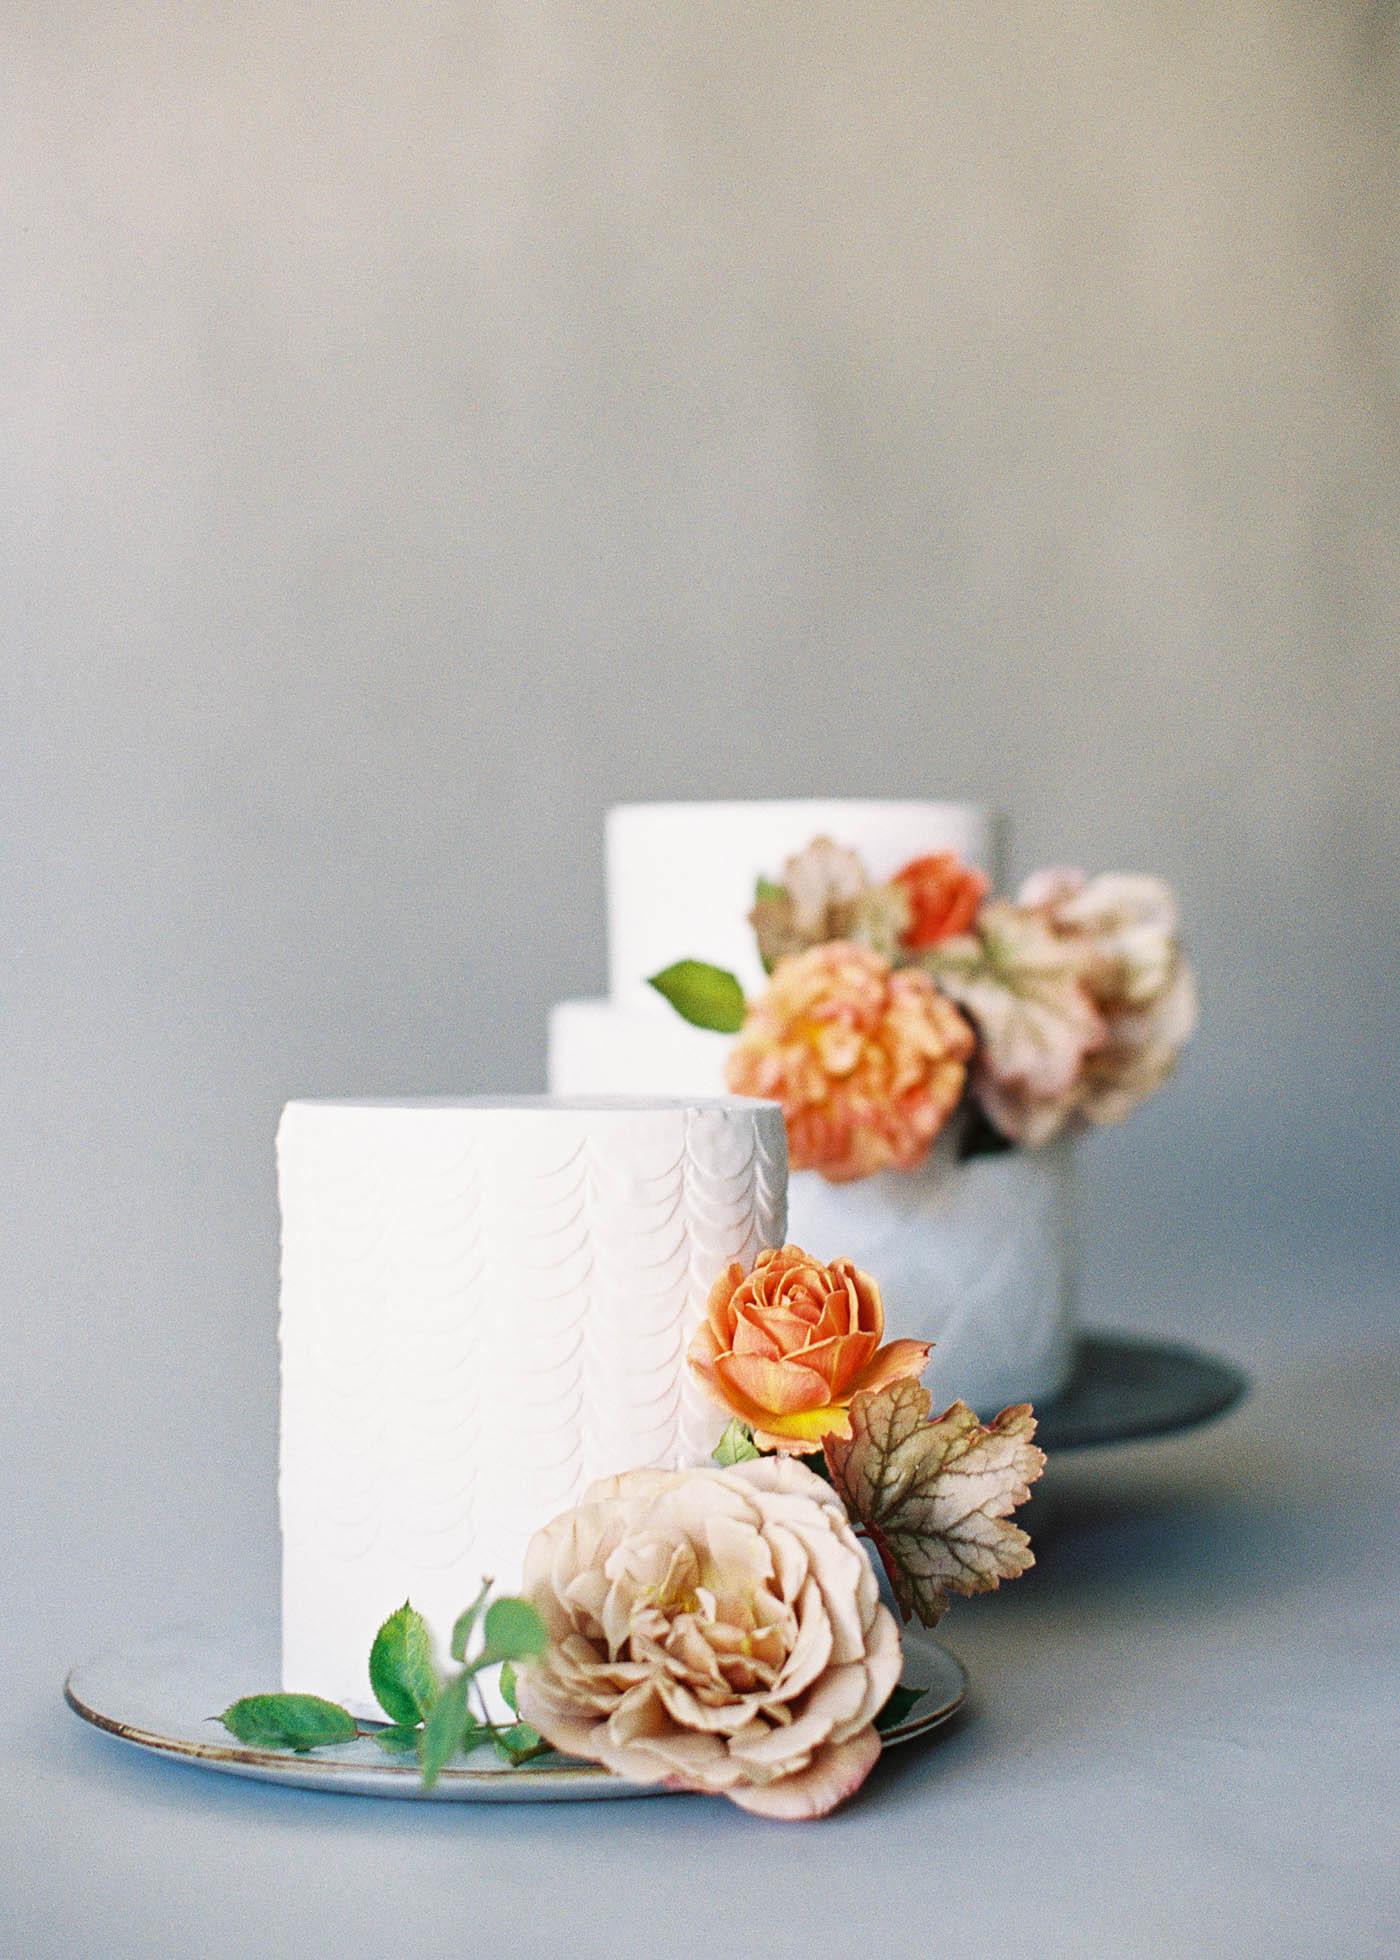 Cake-Favorites-2-Jen_Huang-000485-R1-007-2.jpg